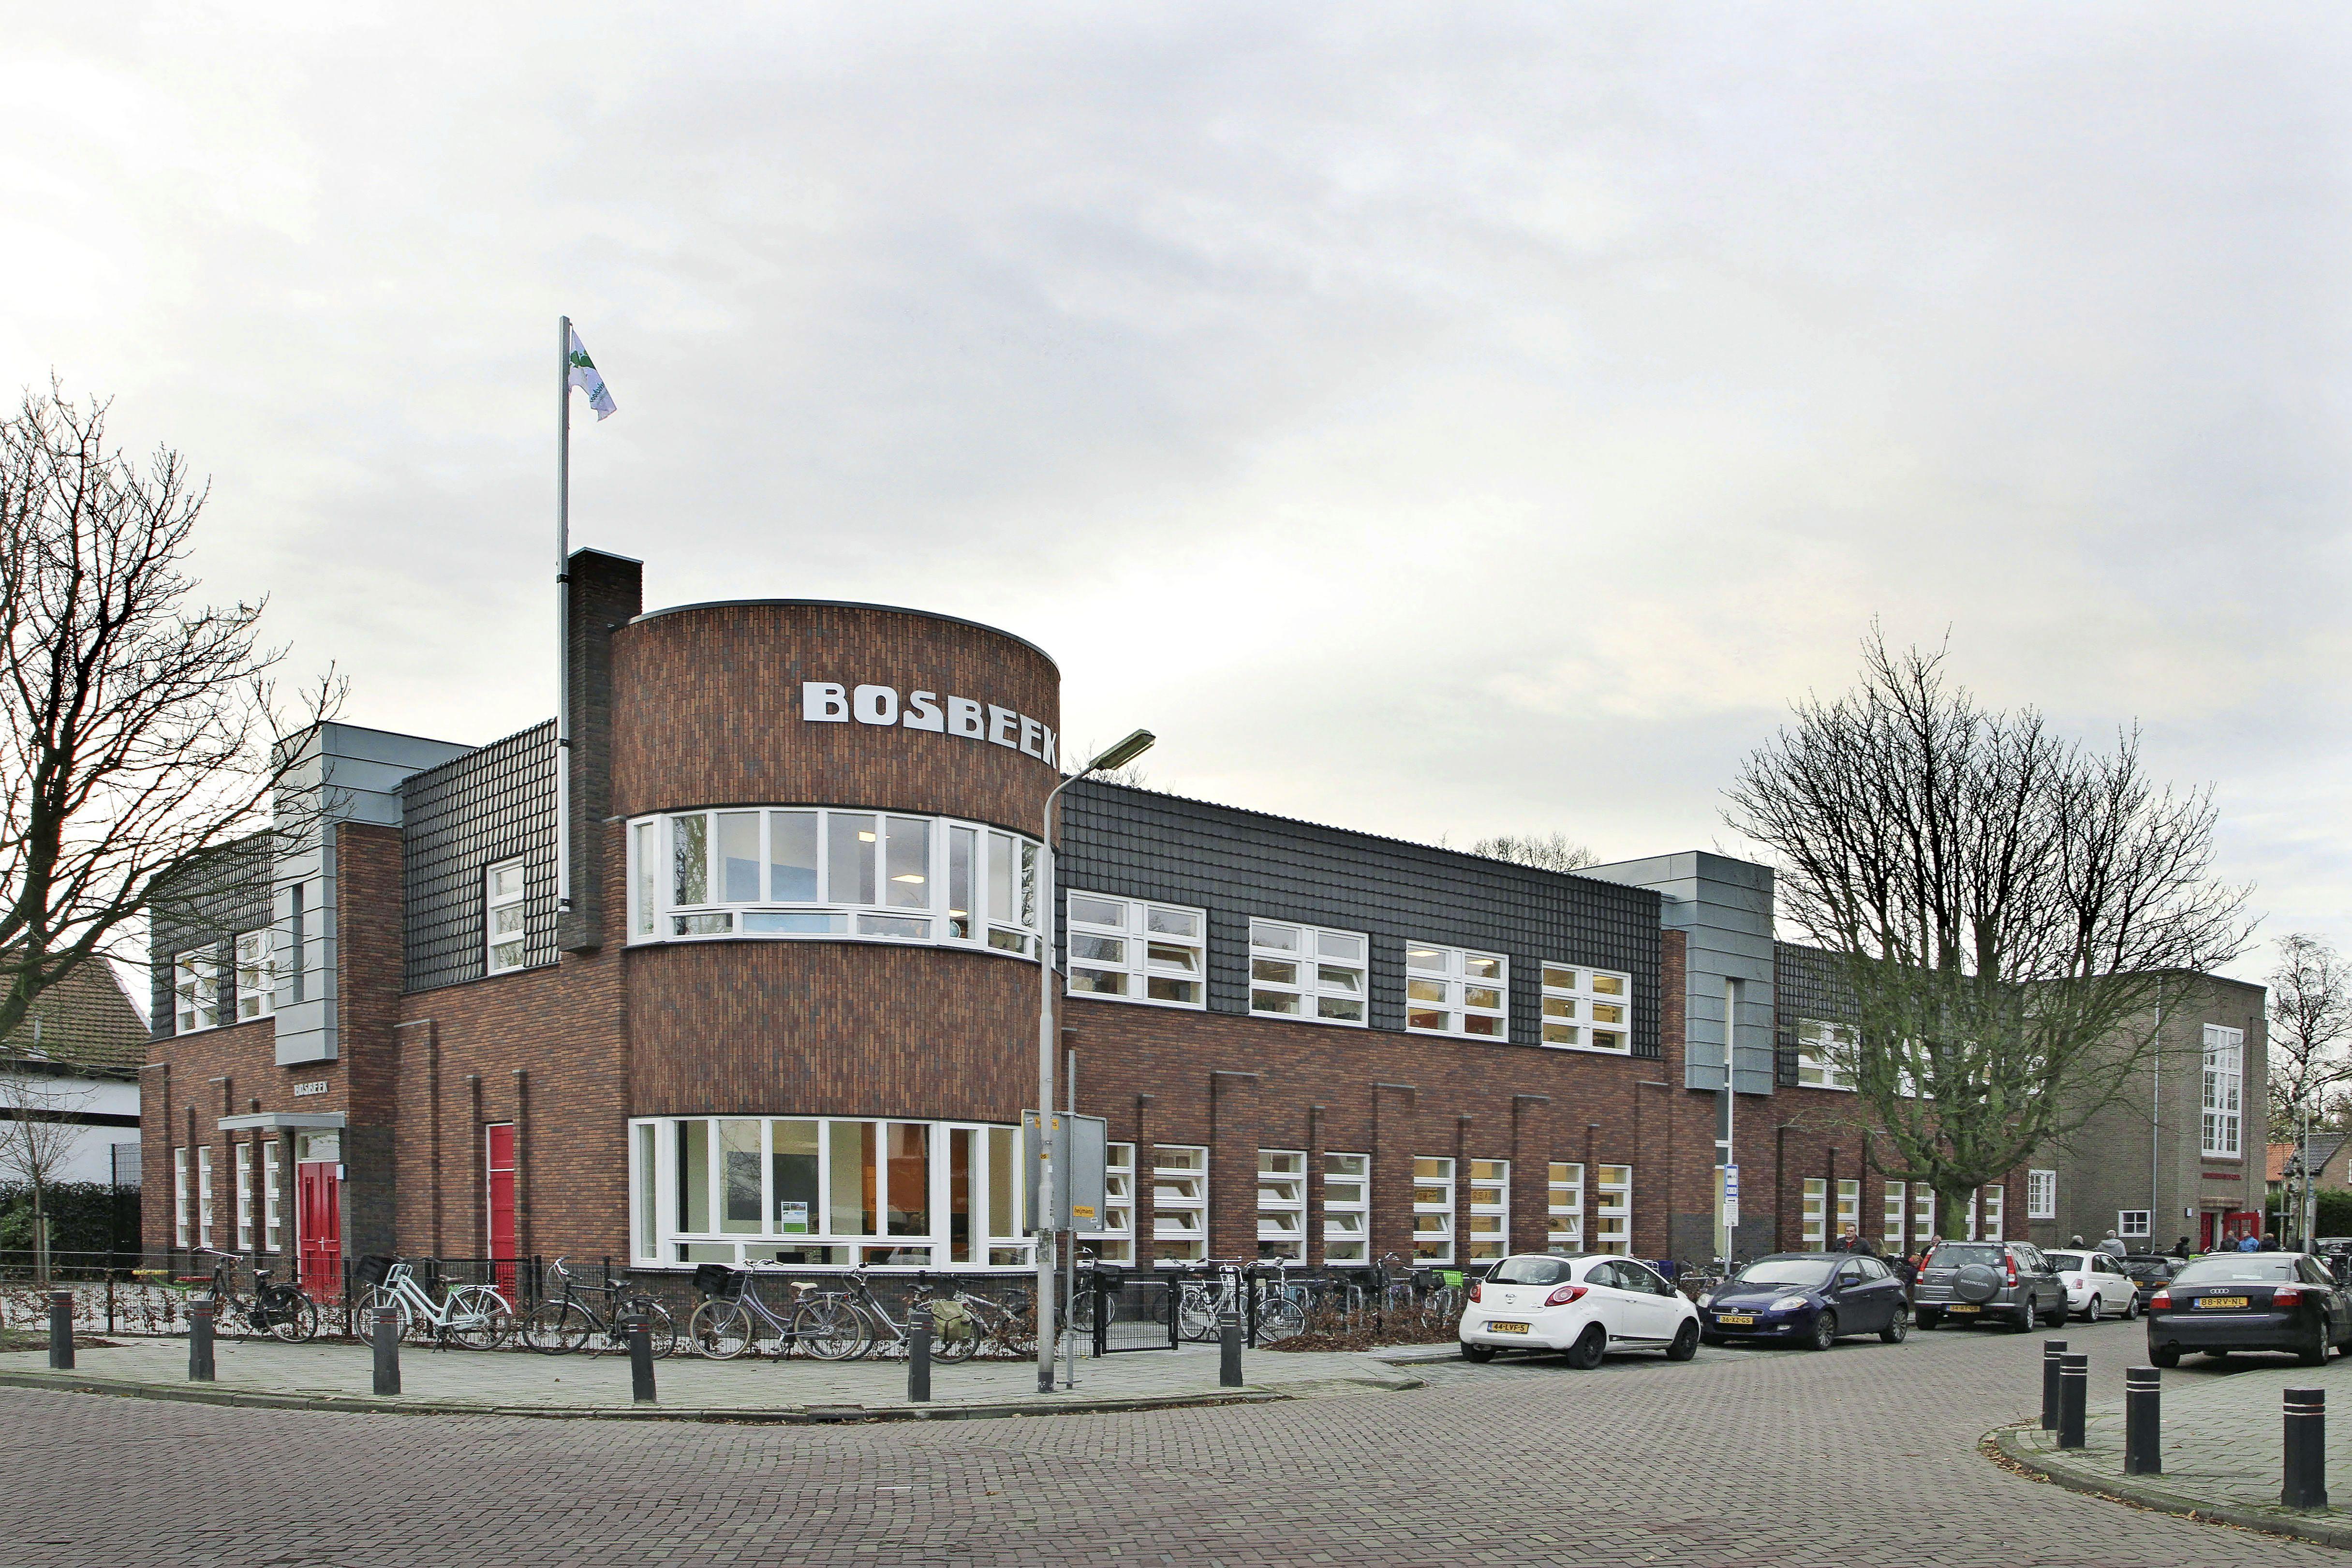 Bosbeekschool Santpoort-Noord na noodgedwongen sluiting om flink wat coronabesmettingen weer open: basisschool De Zefier in IJmuiden juist dicht